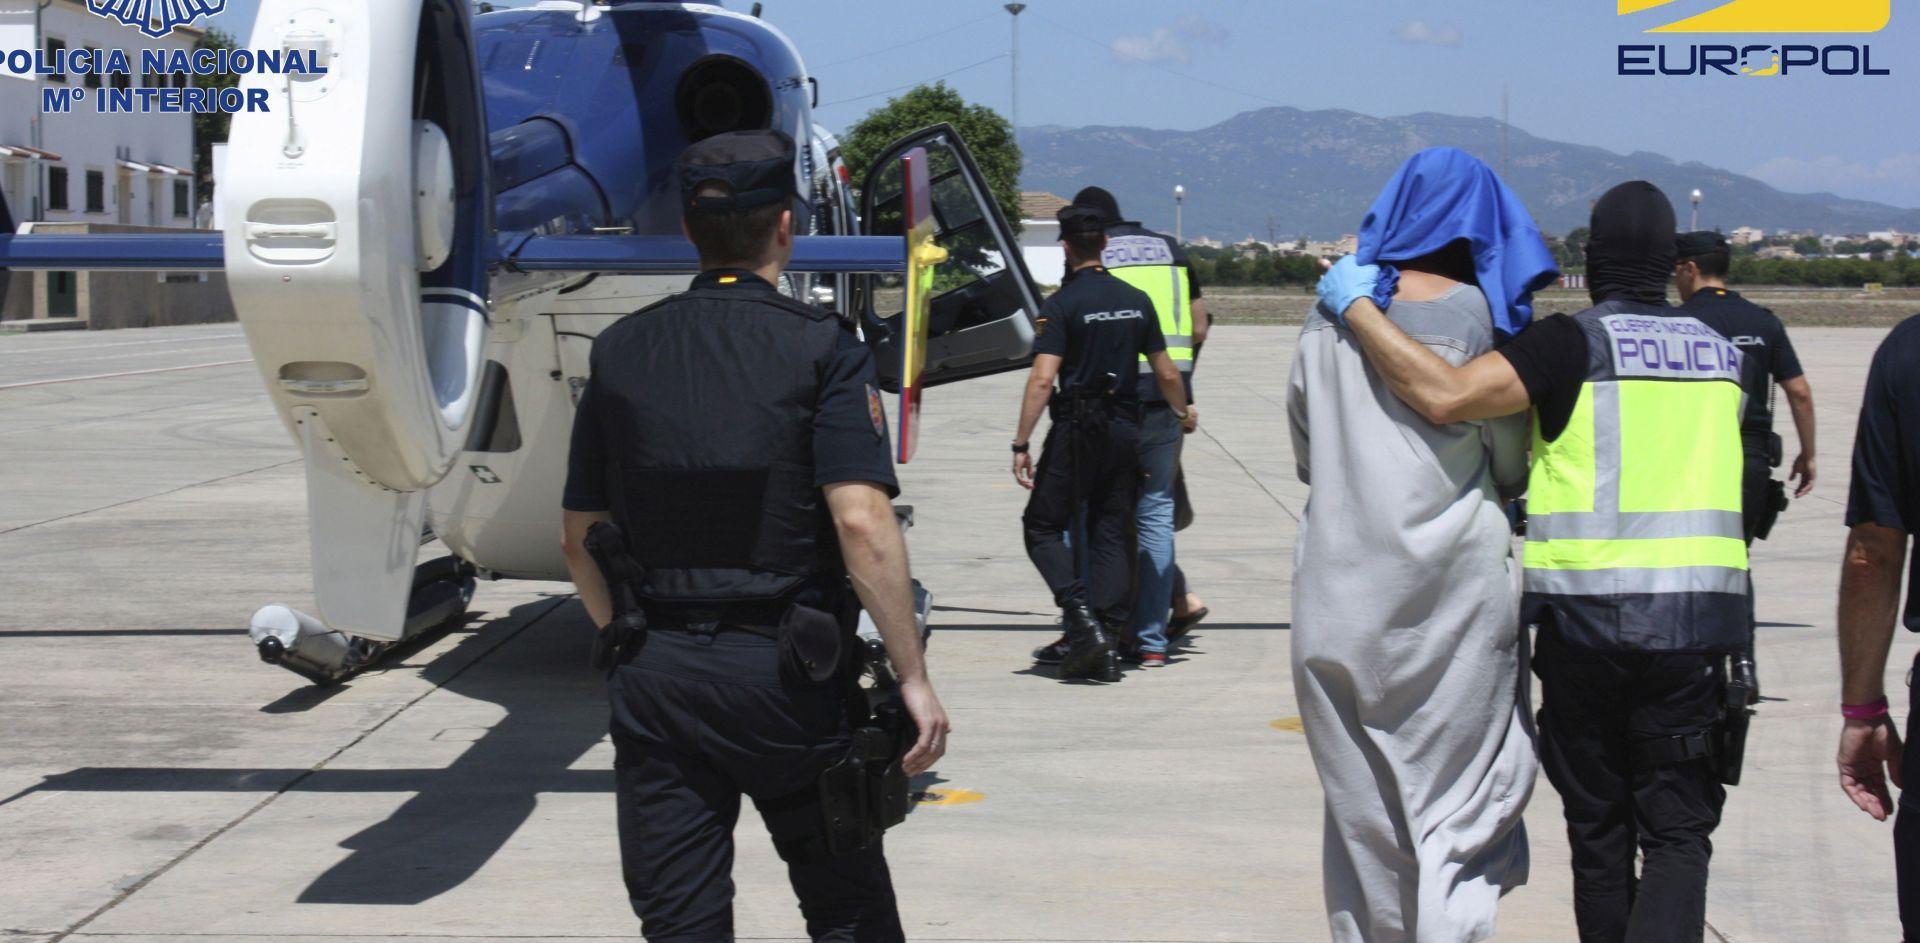 Španjolska policija oslobodila muškarca otetog prije 11 dana